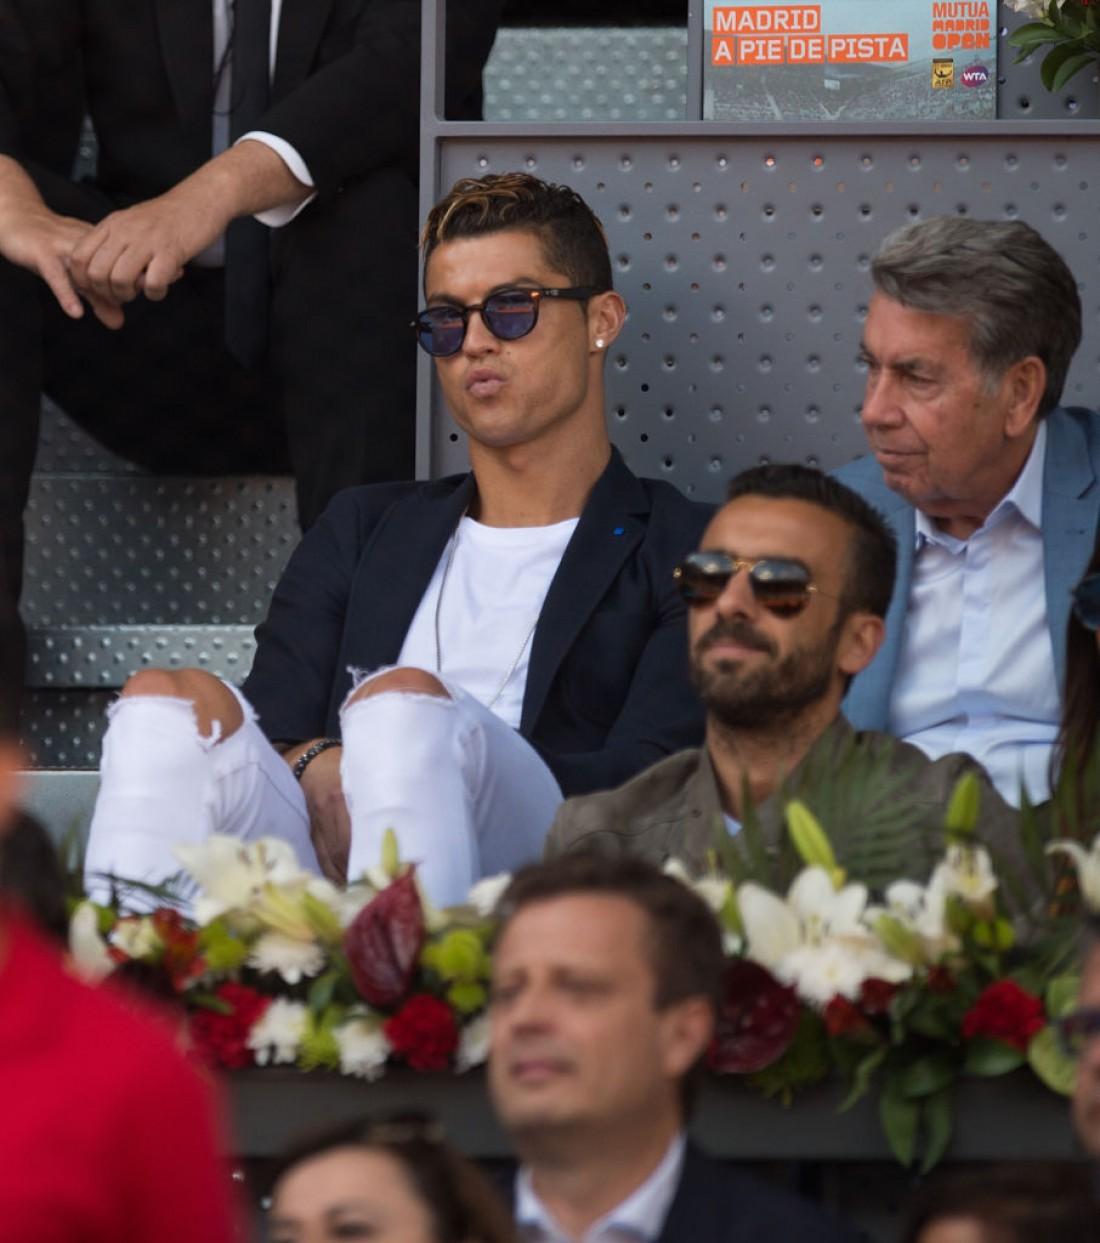 Криштиану Роналду посетил теннисный матч